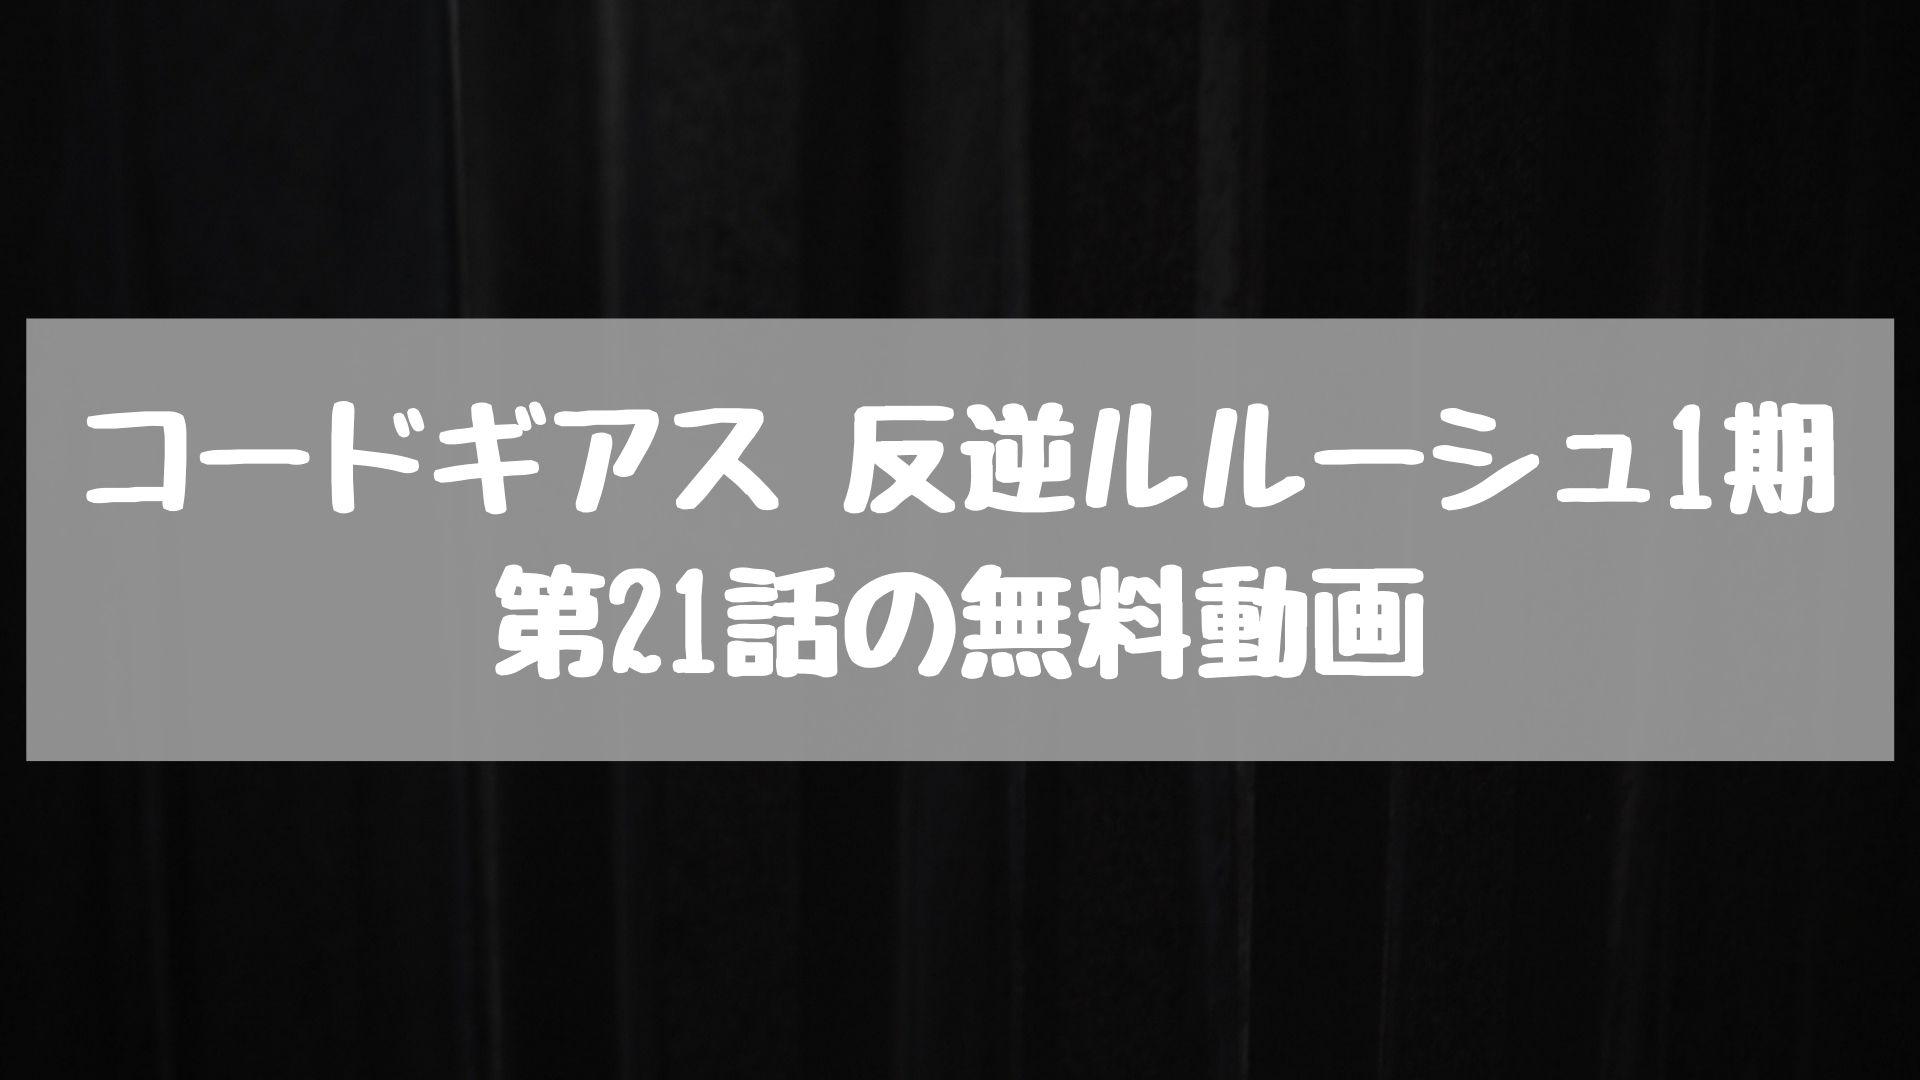 コードギアス 反逆ルルーシュ1期 第21話の無料動画